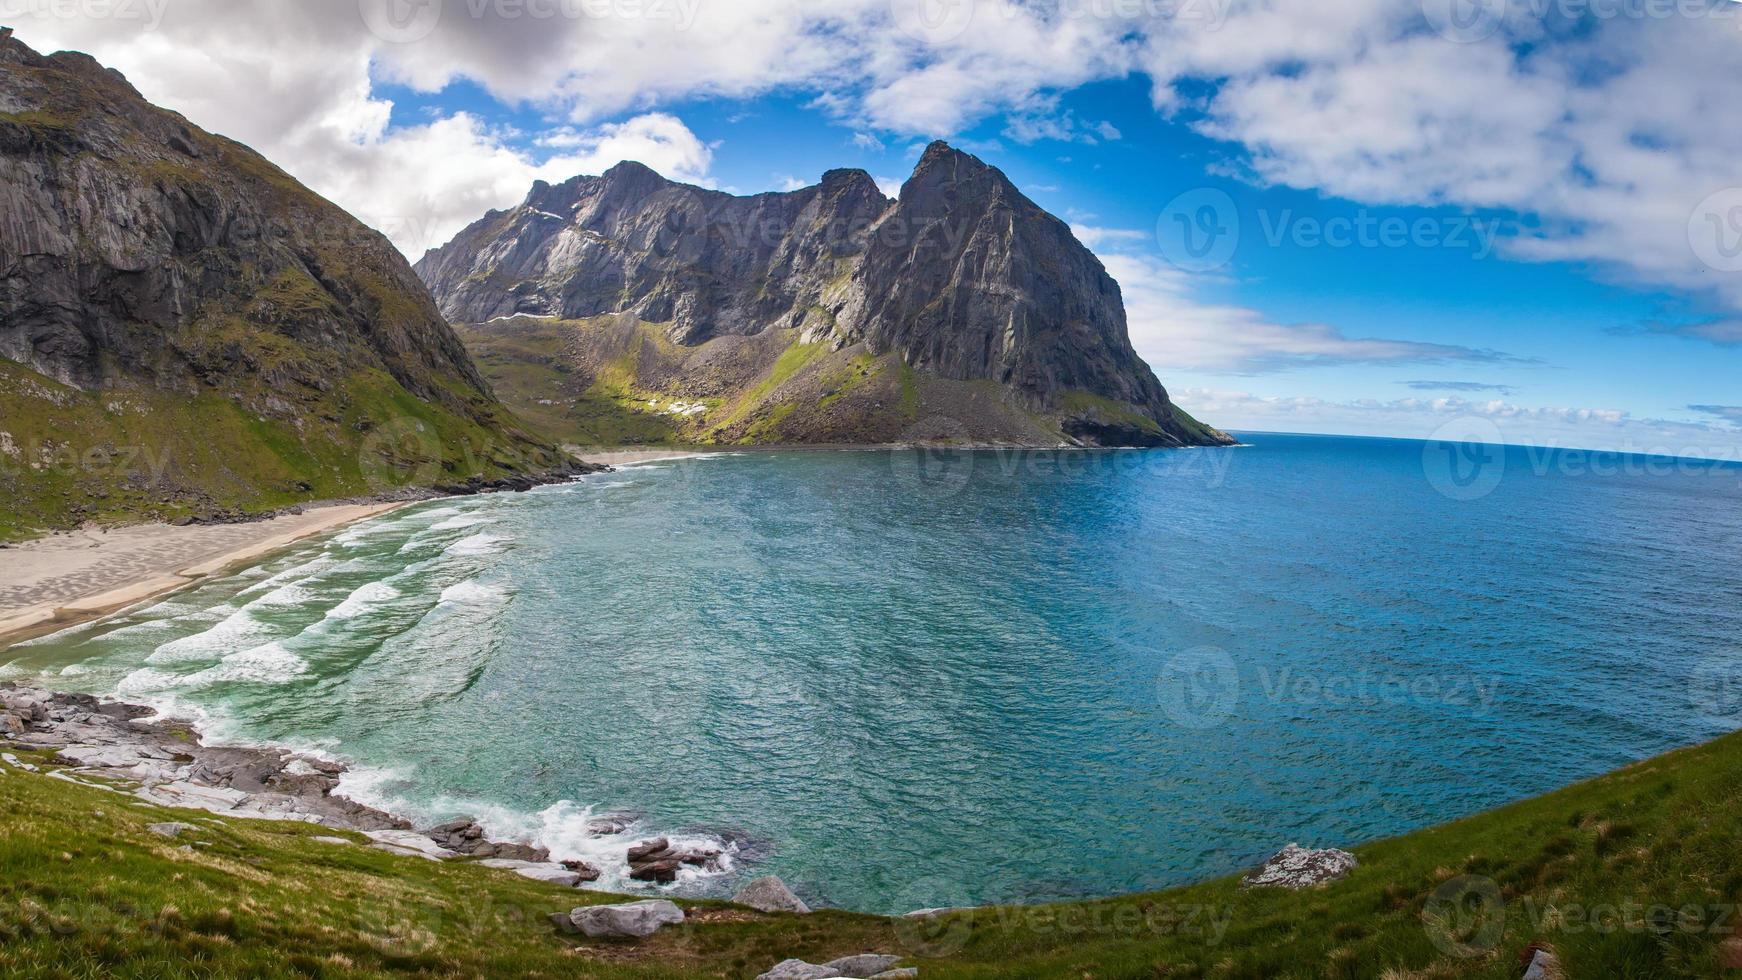 paradis kvalvika strand på lofoten öar i norge foto